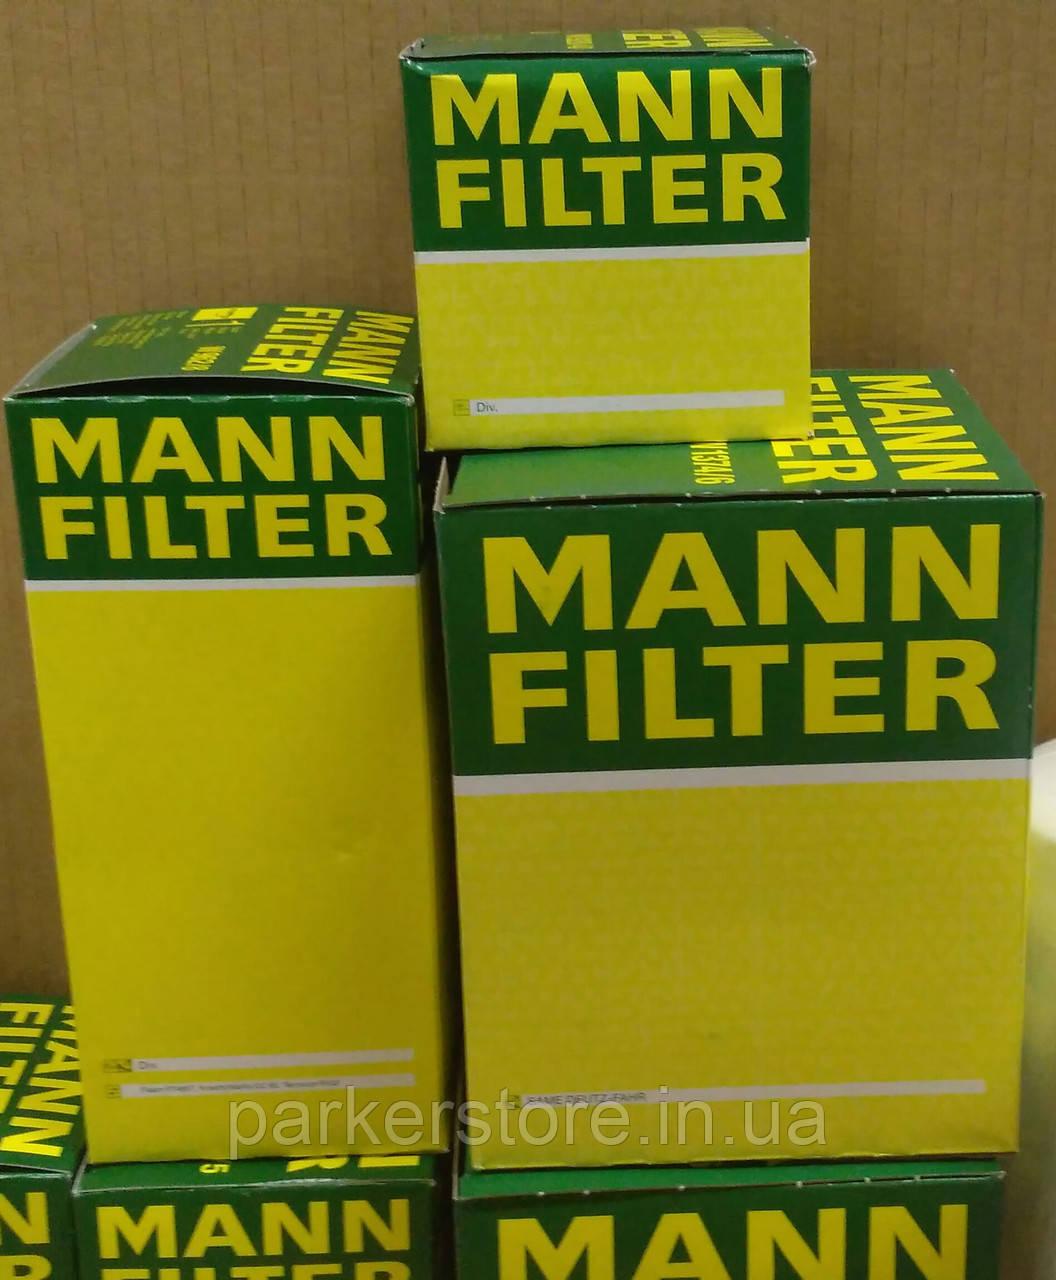 MANN FILTER / Повітряний фільтр / C 2981 / C2981